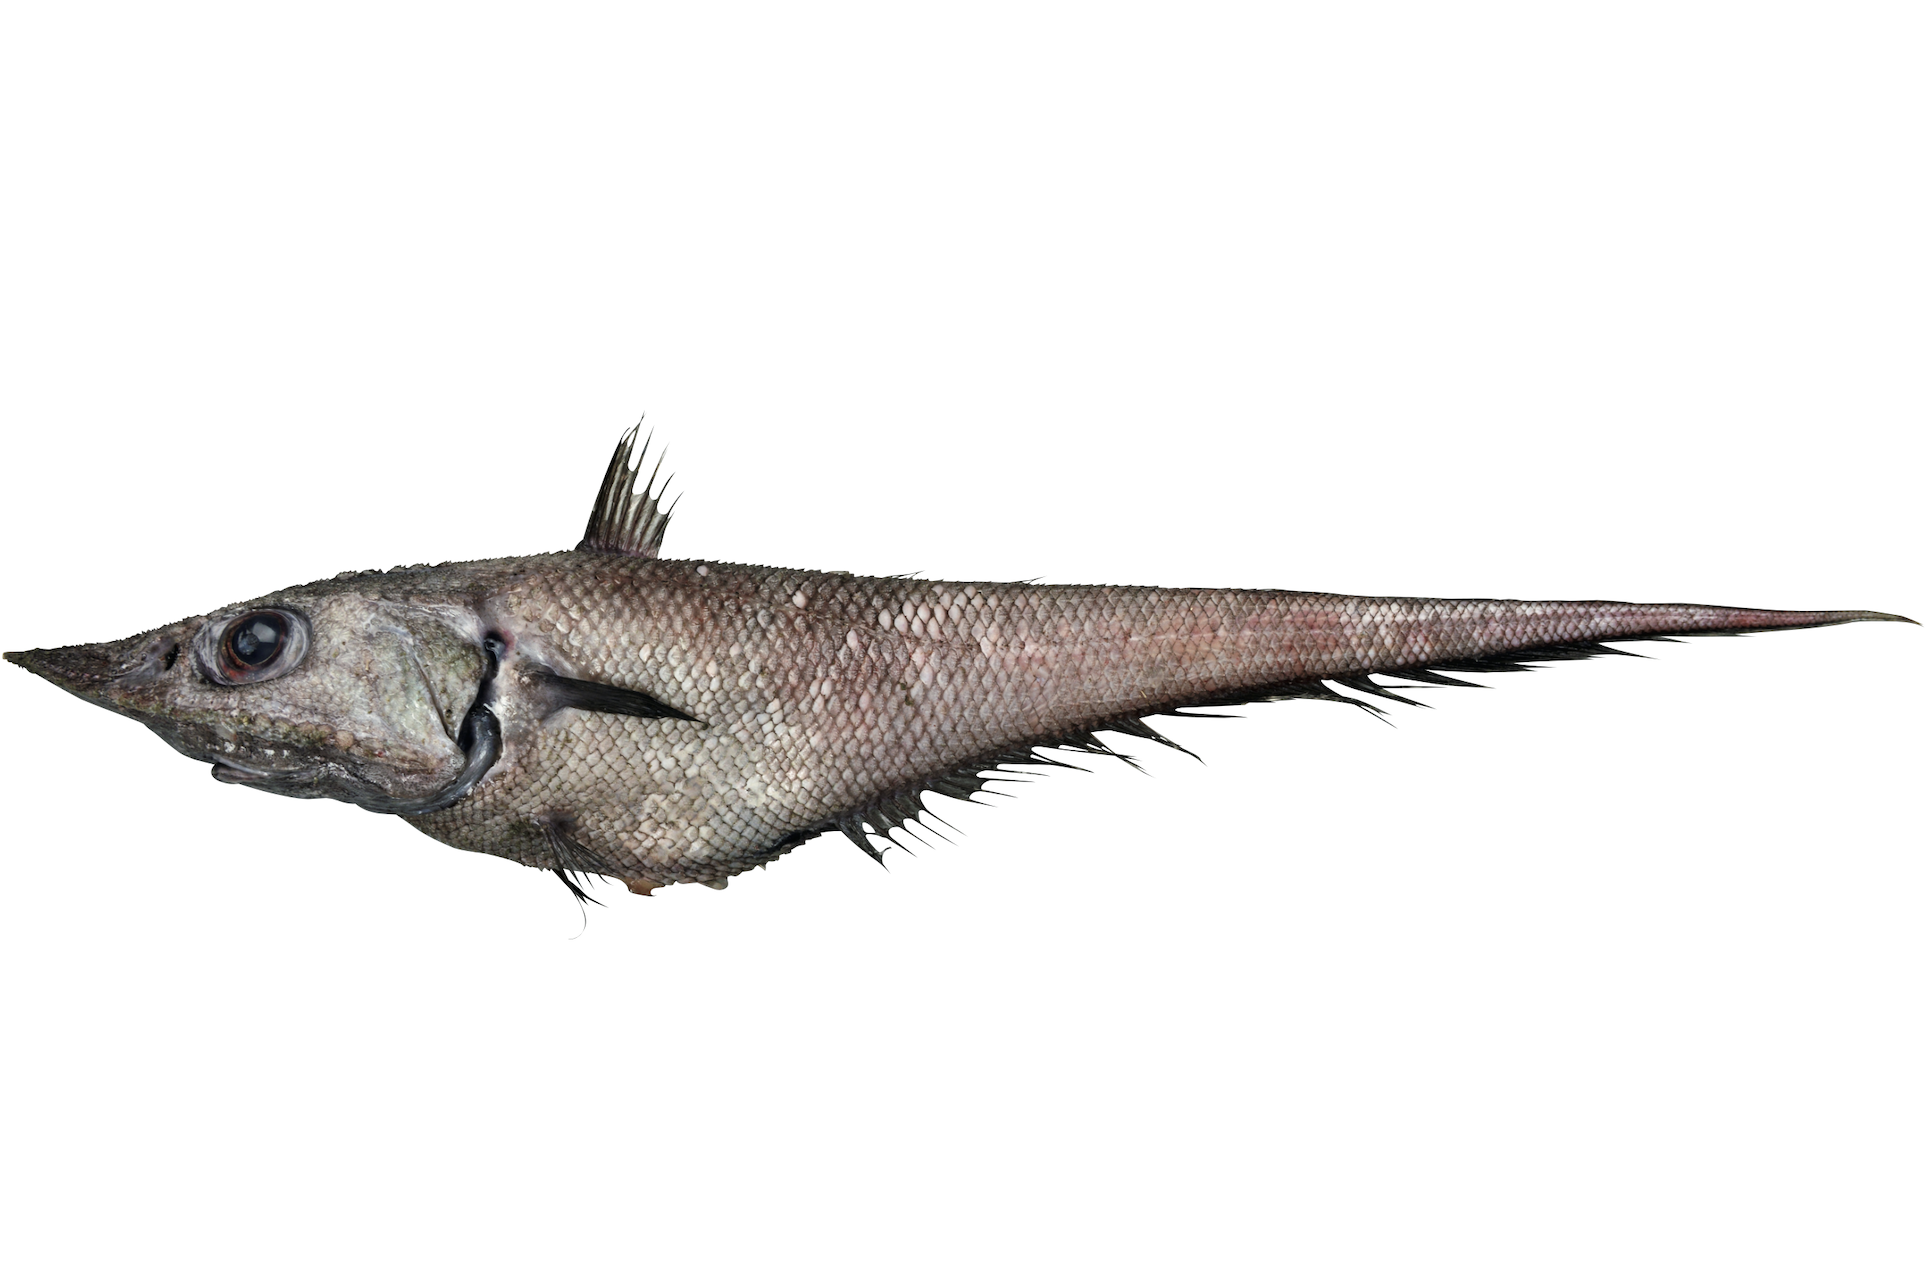 オニひげ ブルータス 魚